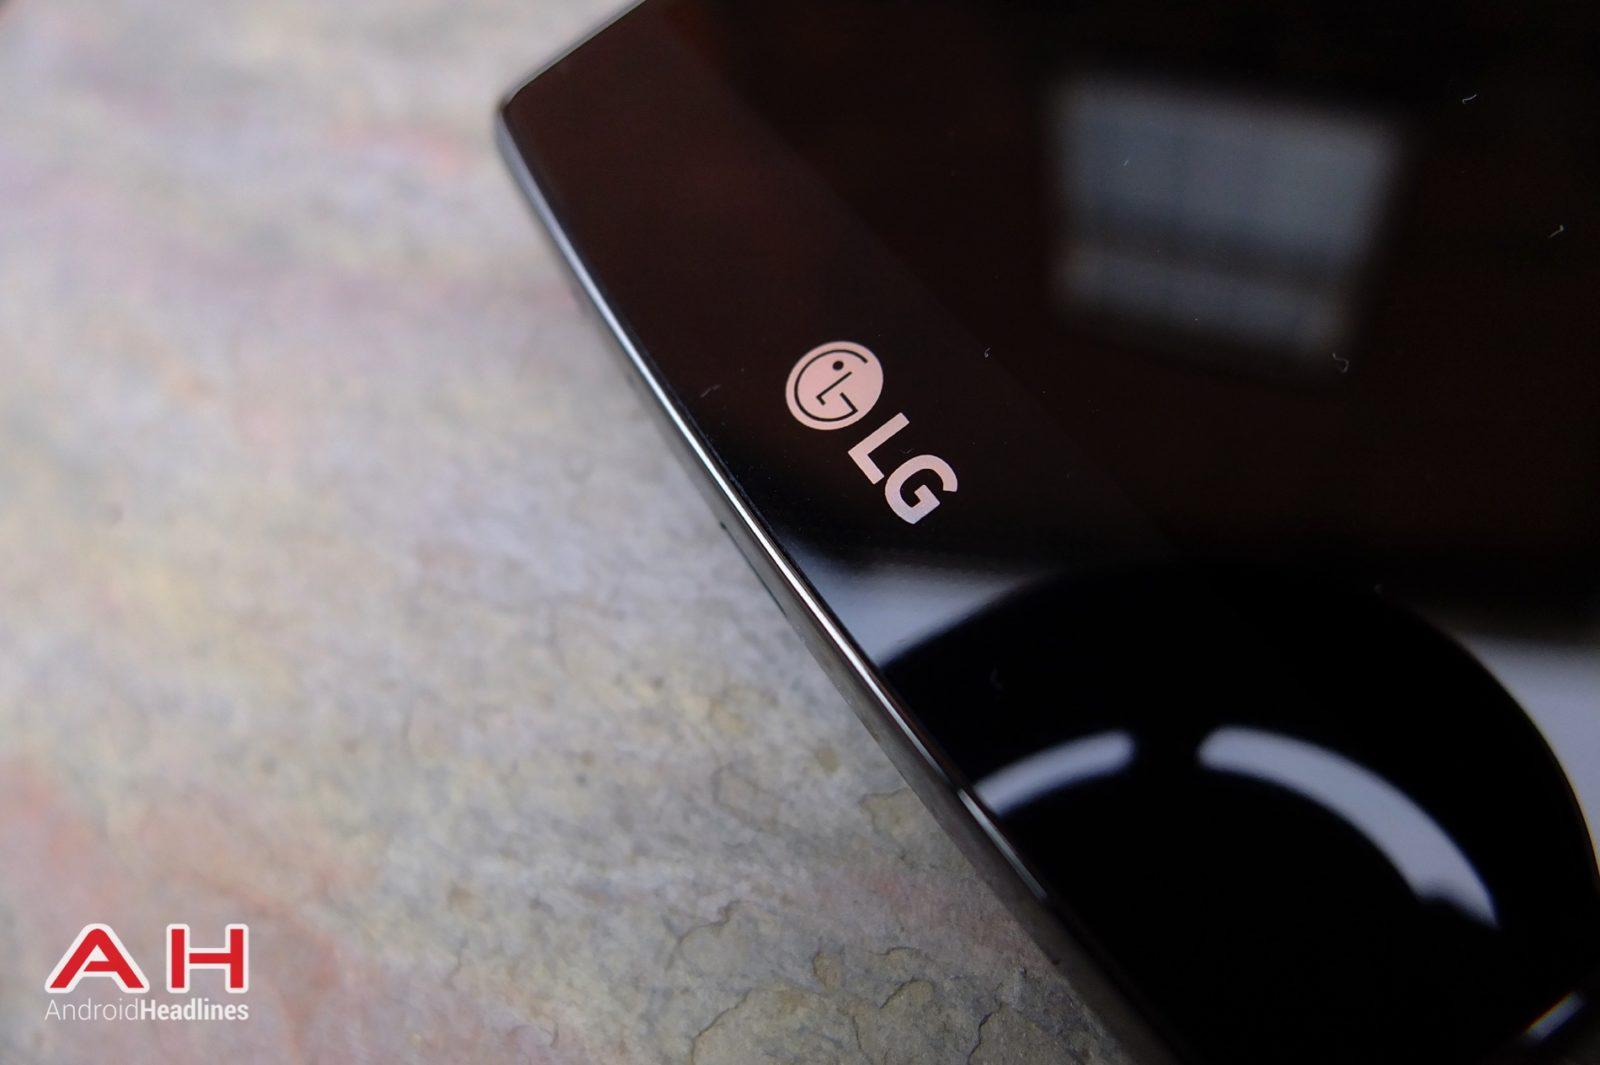 الجی بروزرسانیهای ماهانه امنیتی خود برای گوشیهای قدیمیتر را متوقف خواهد کرد